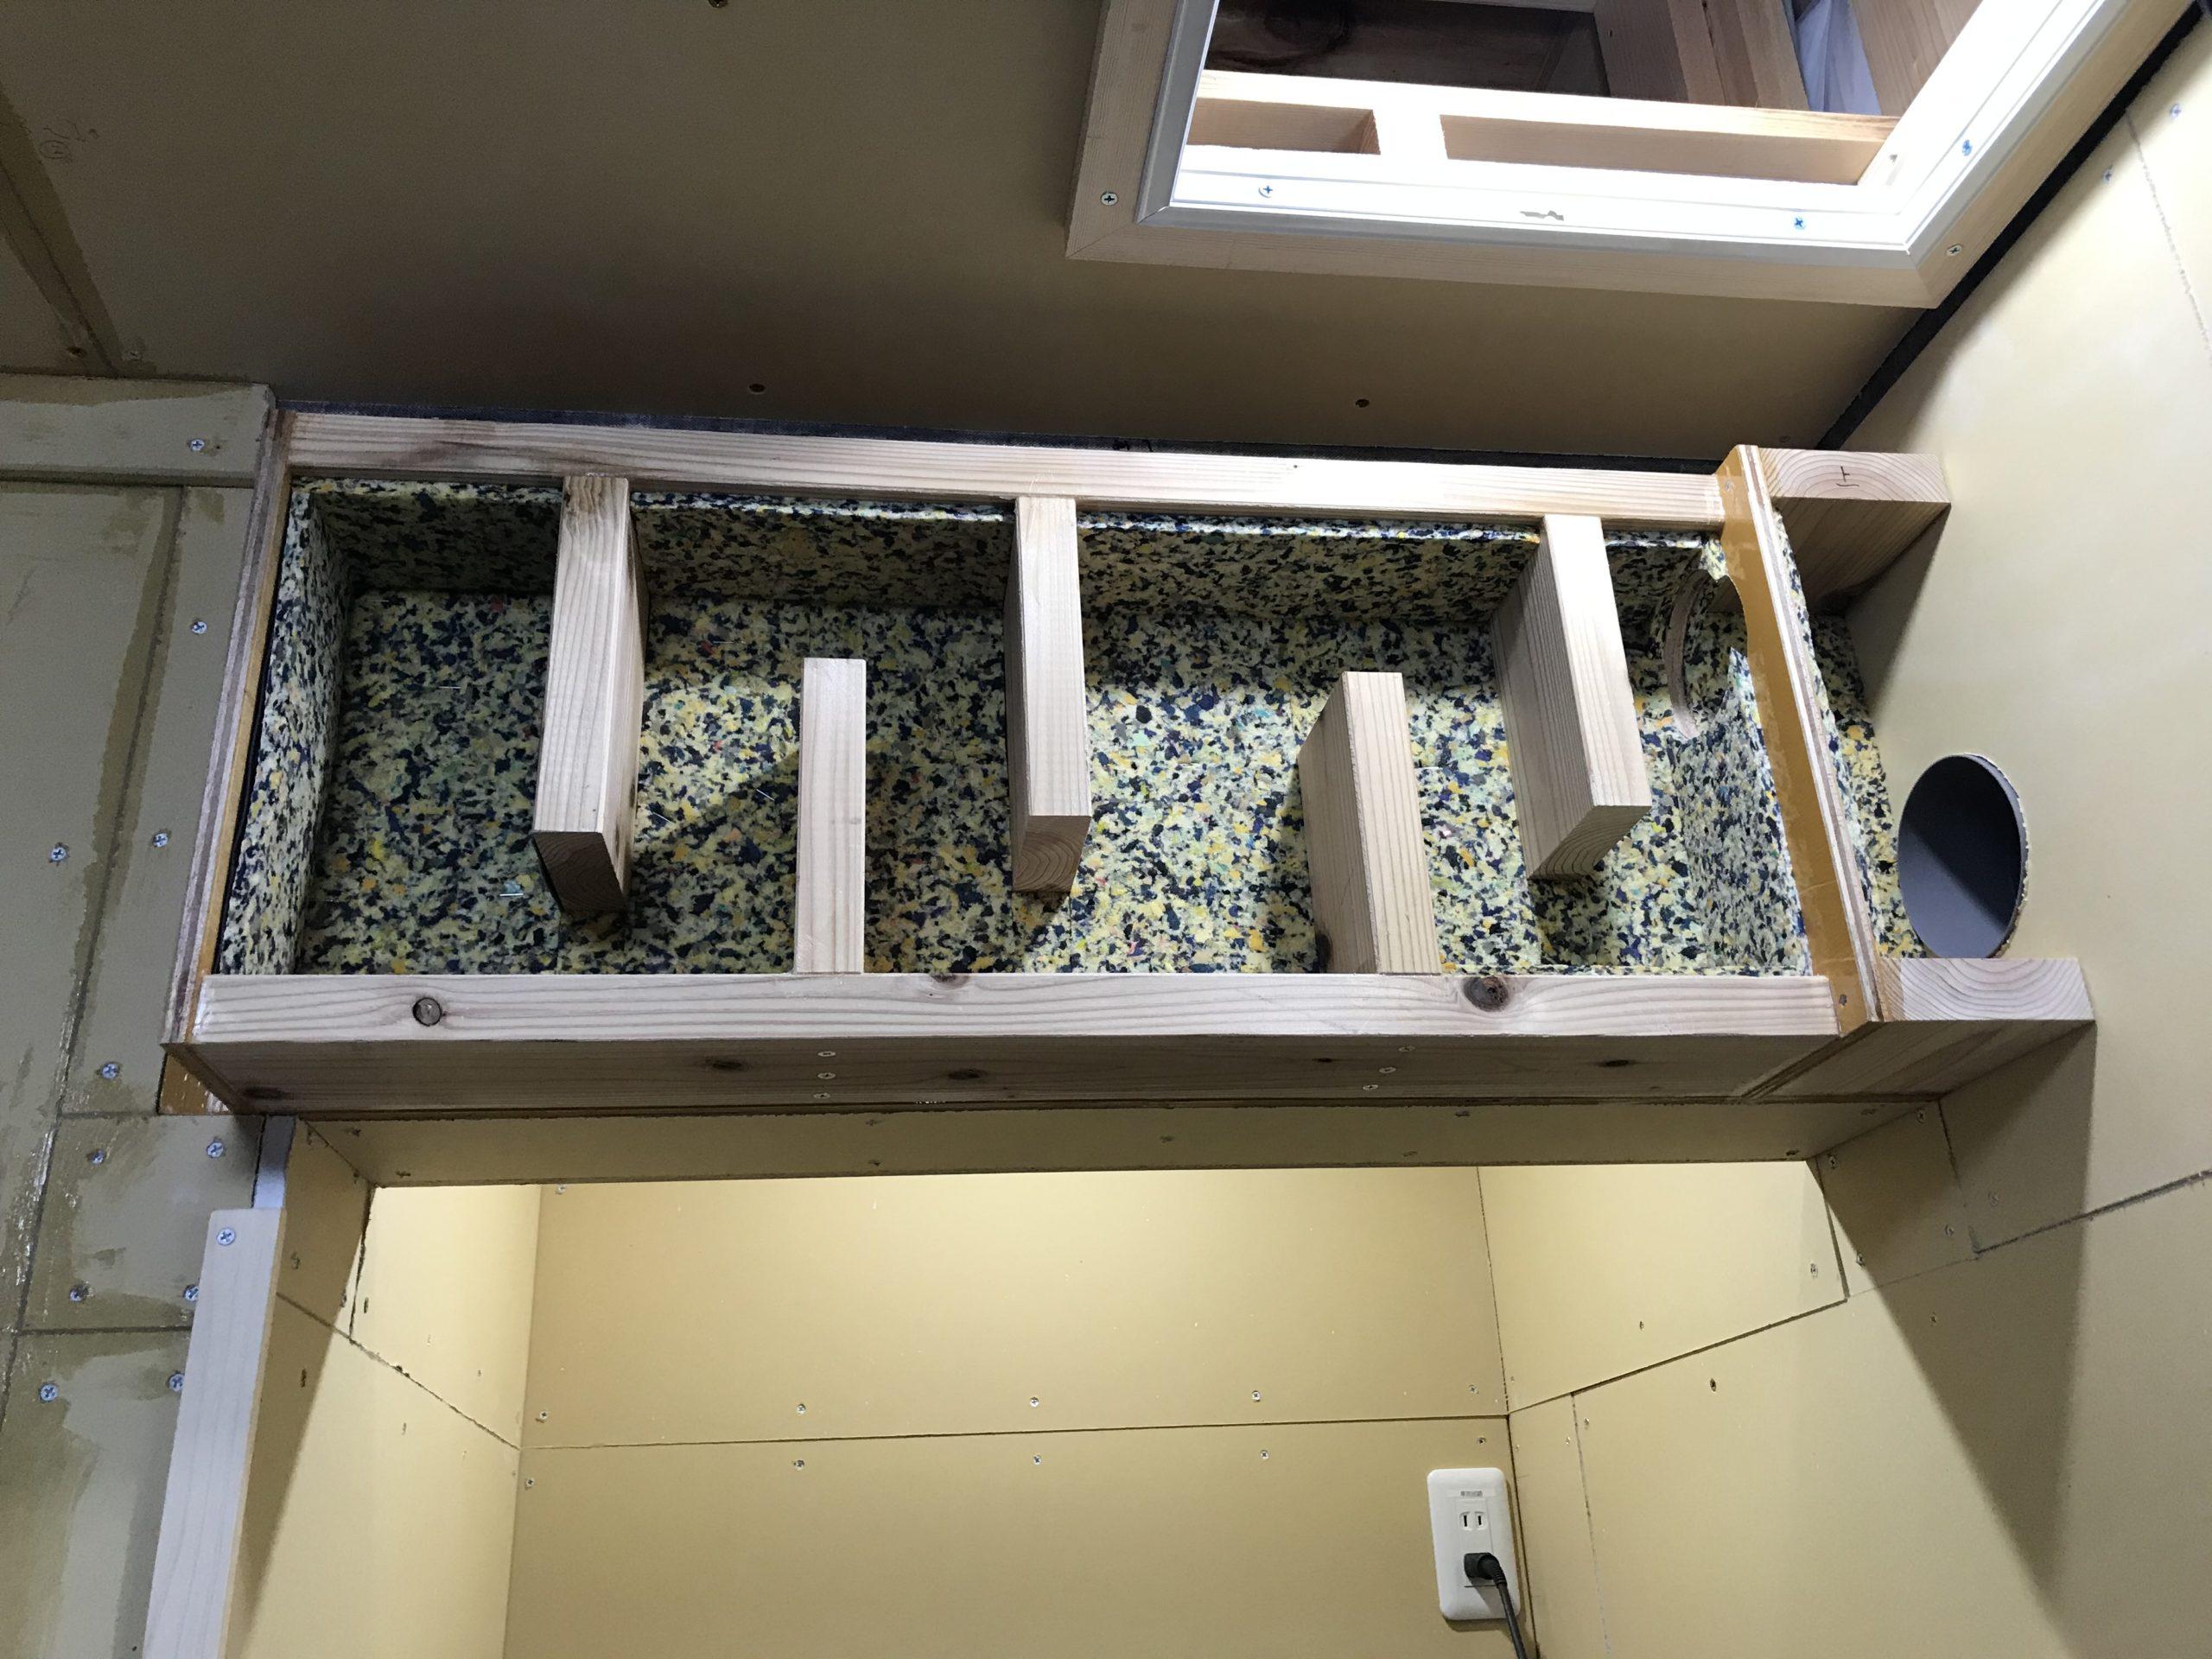 室 自作 防音 【DIY】防音室を3万円で手軽に自作してみよう【賃貸でもOK】